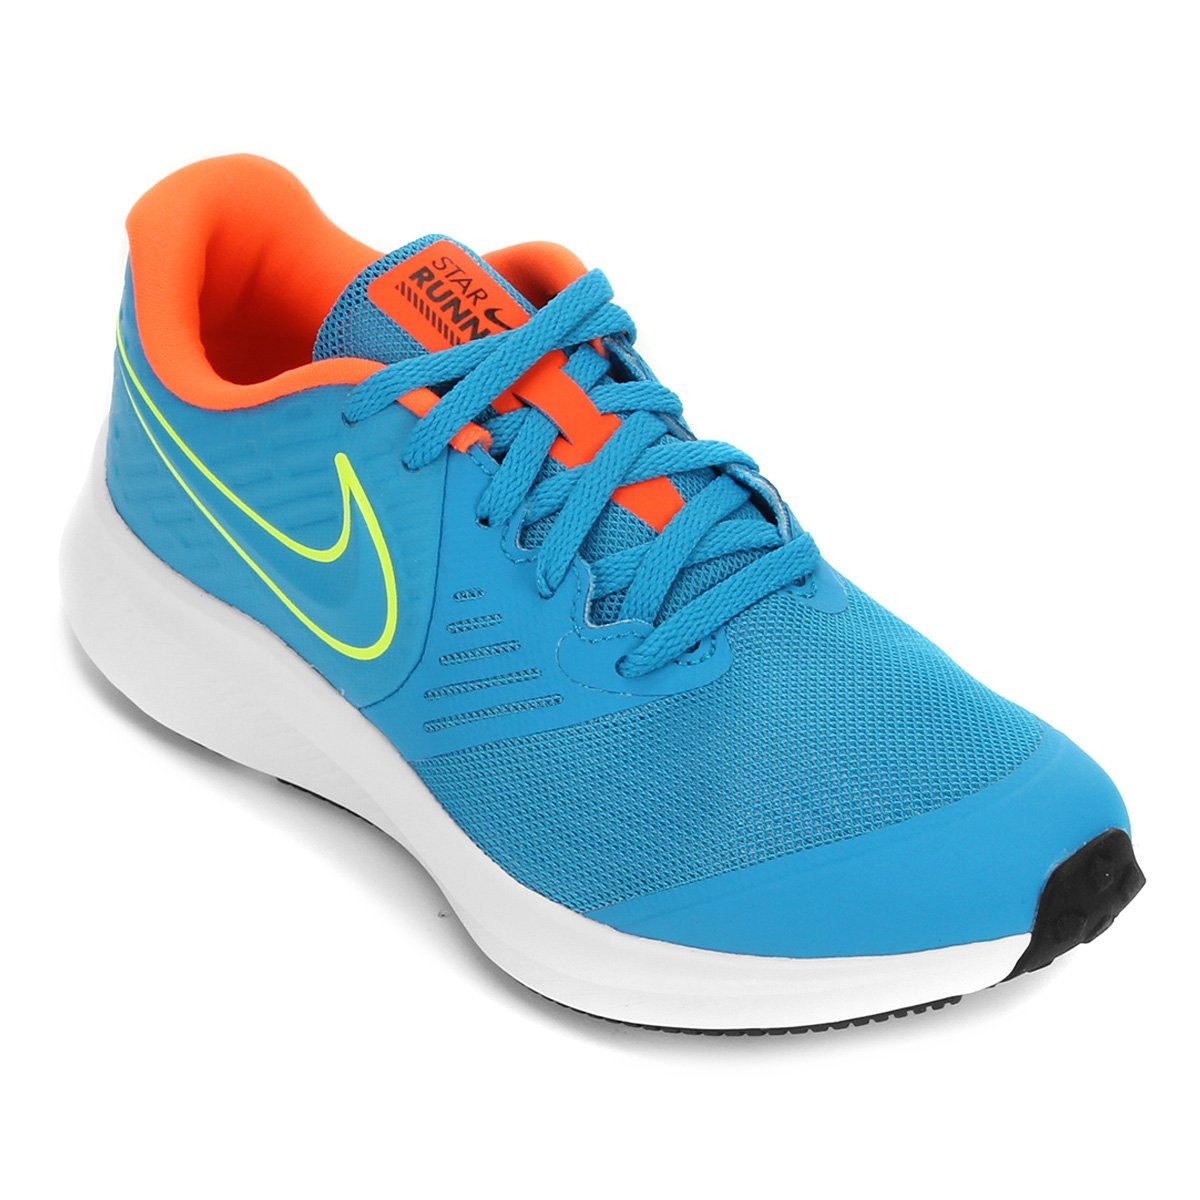 Carteles arco Miseria  Tênis Infantil Nike Star Runner 2 Gs - Azul e Verde   Zattini